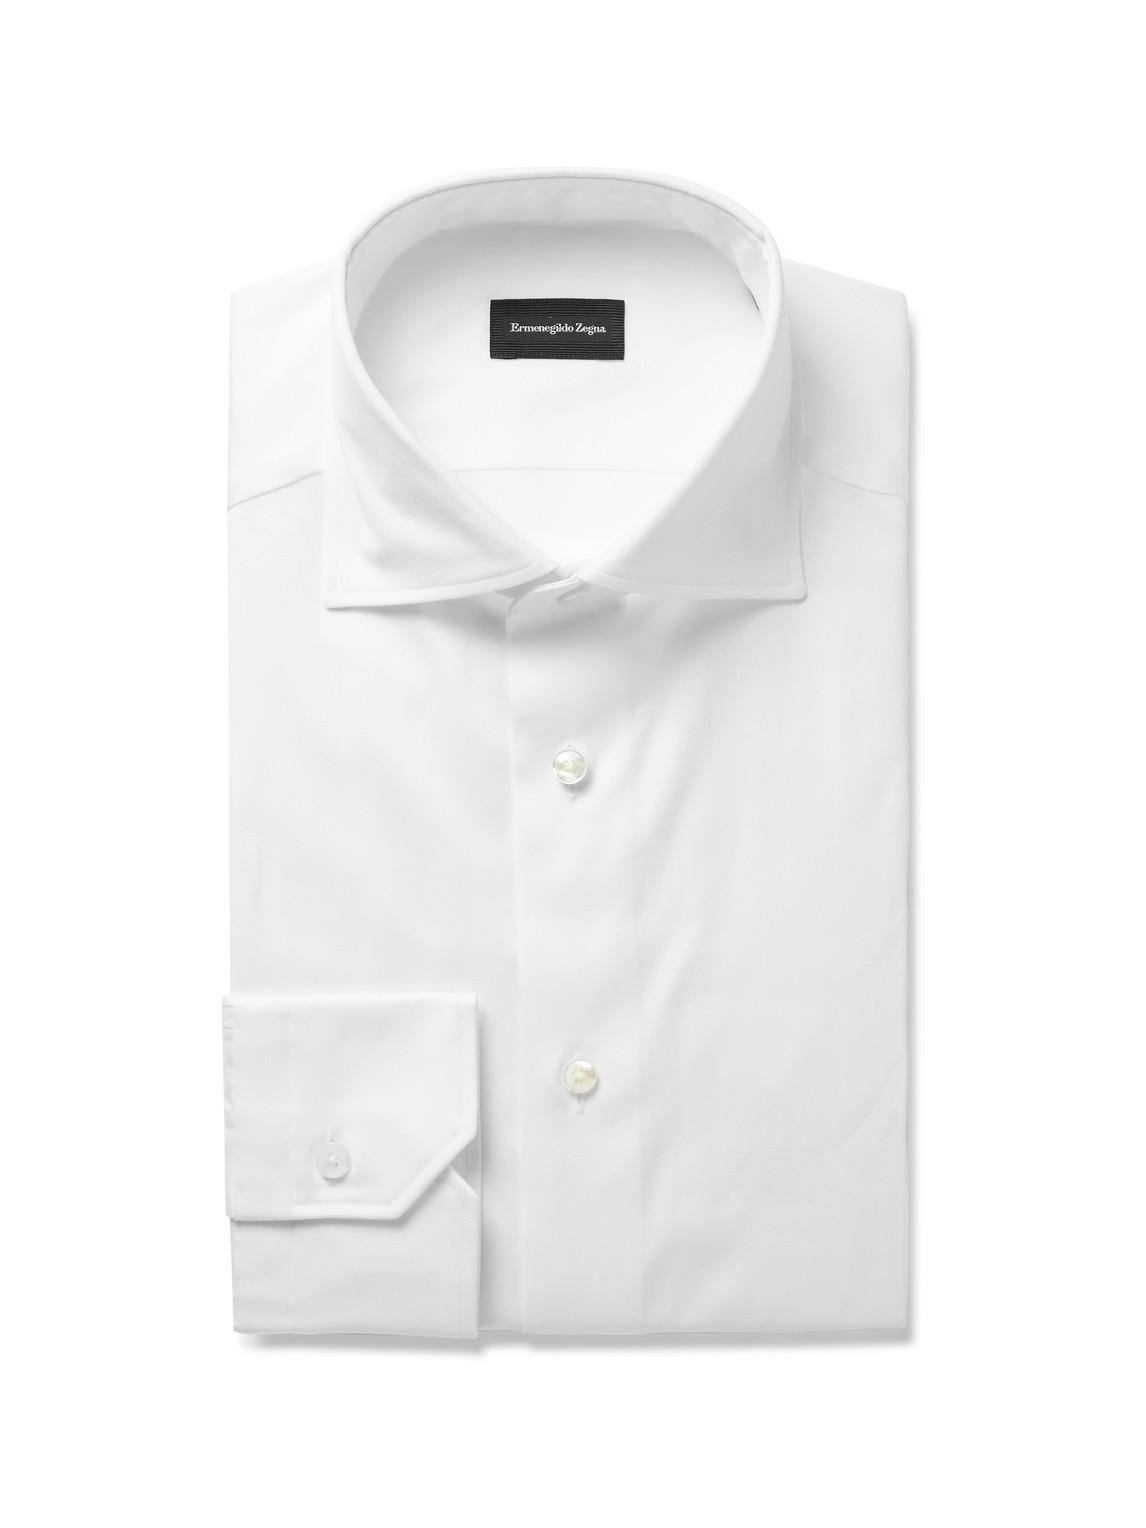 ermenegildo zegna - cutaway-collar cotton-twill shirt - men - white - eu 38